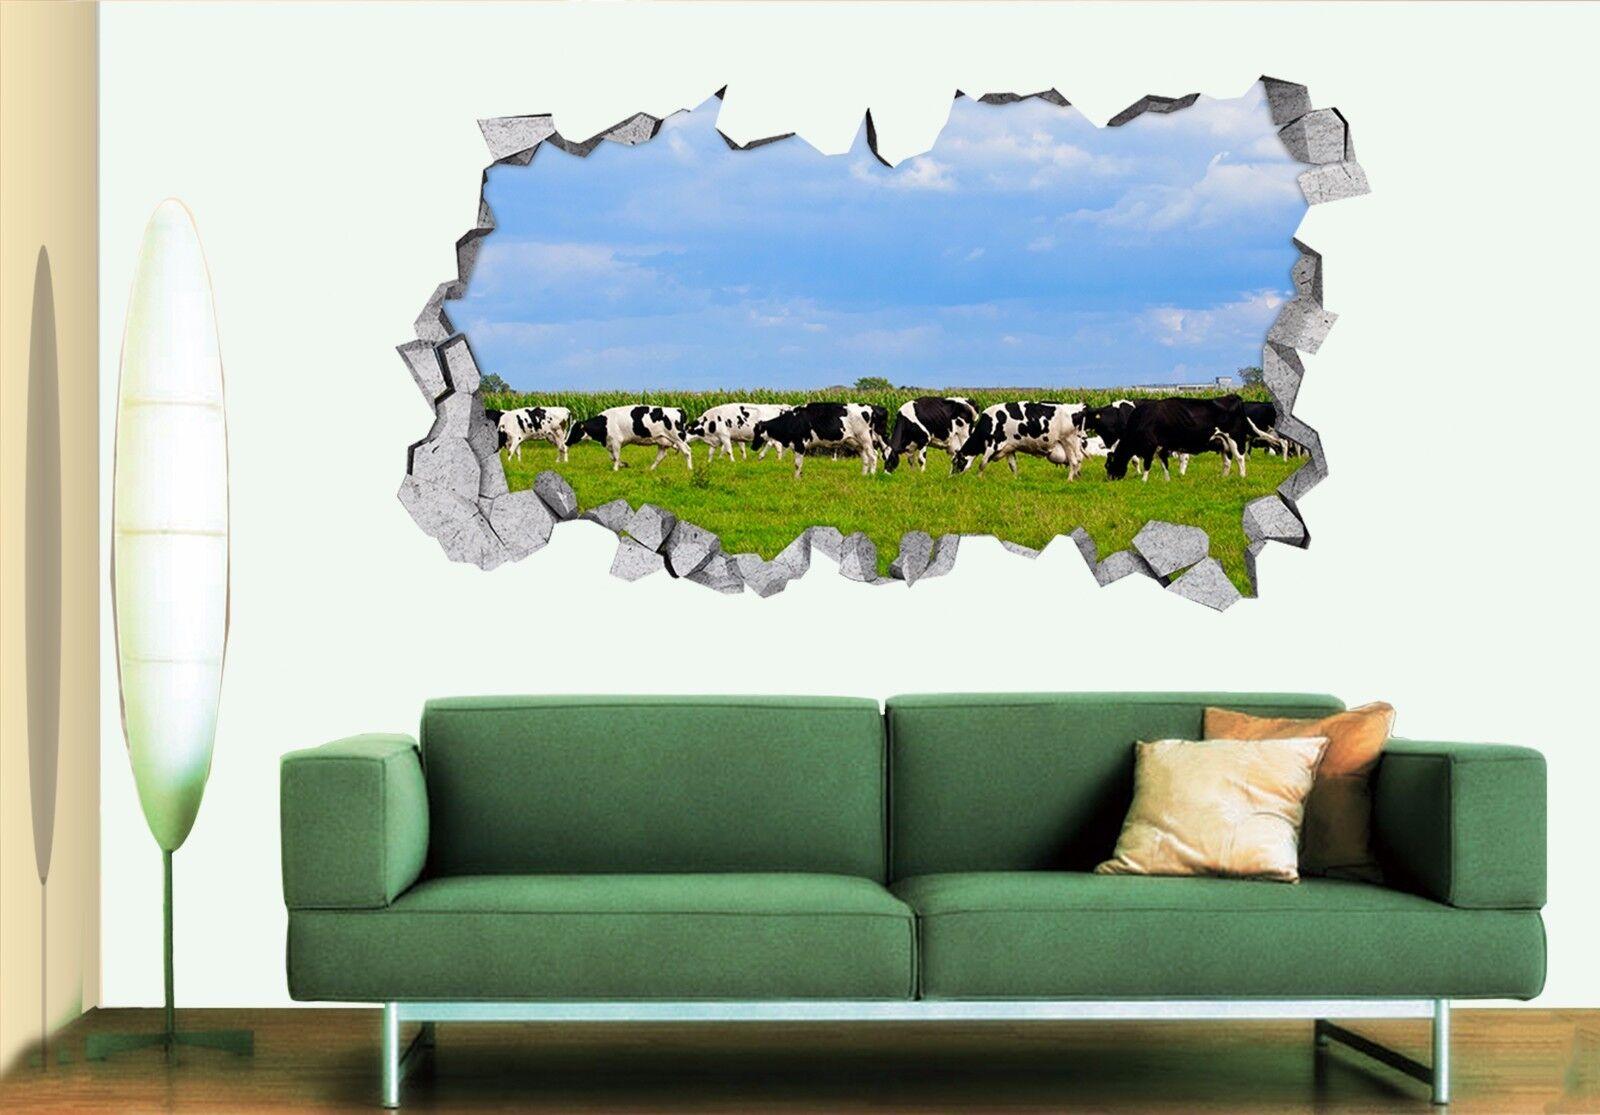 3D Milchkuh Ranch 7 Mauer Murals Mauer Aufklebe Decal Durchbruch AJ WALLPAPER DE